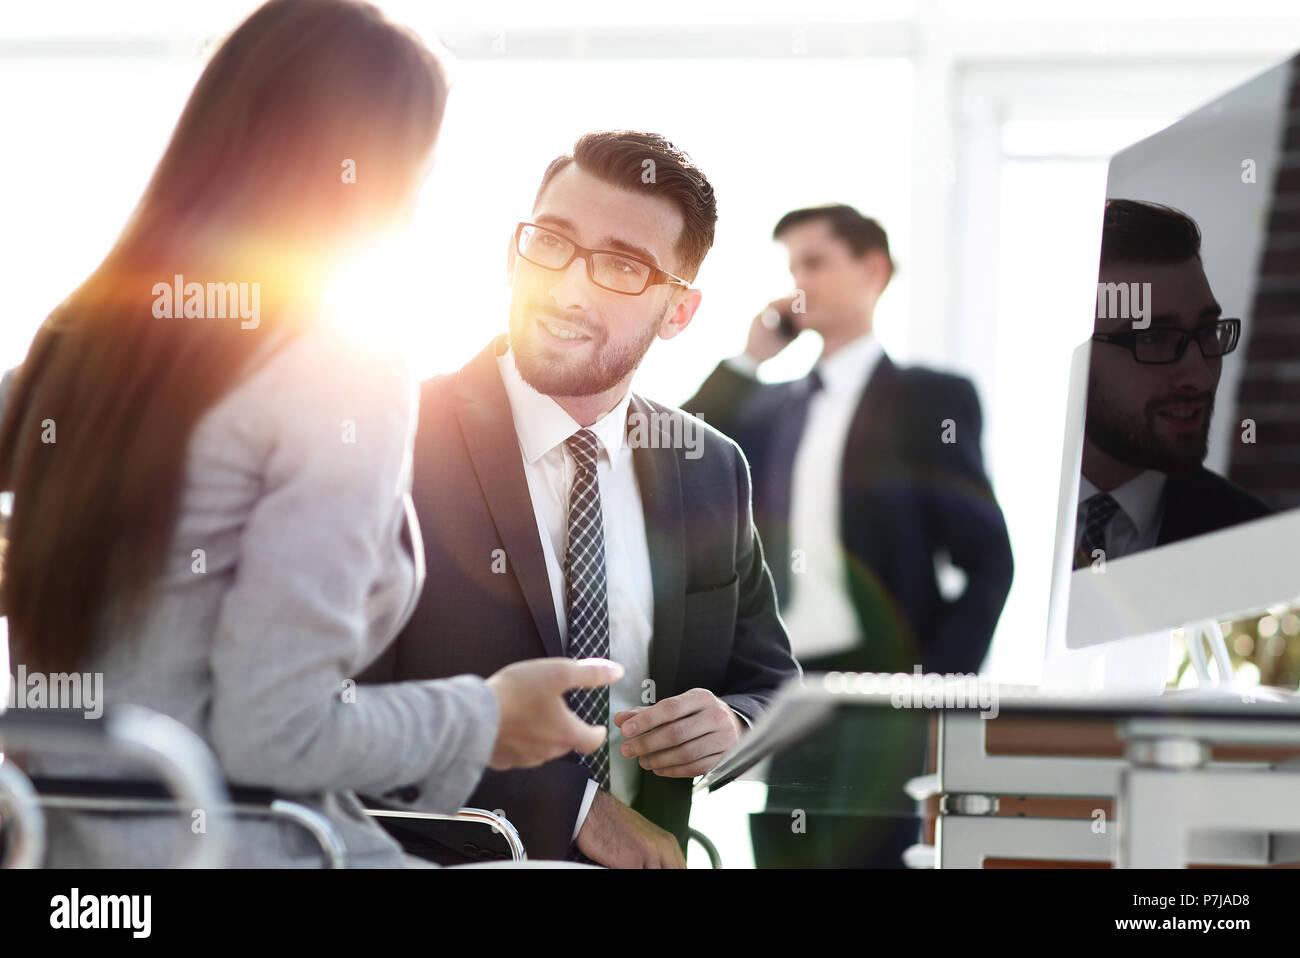 Seguros de hombre hablando a su entrevistador durante una entrevista de trabajo Imagen De Stock